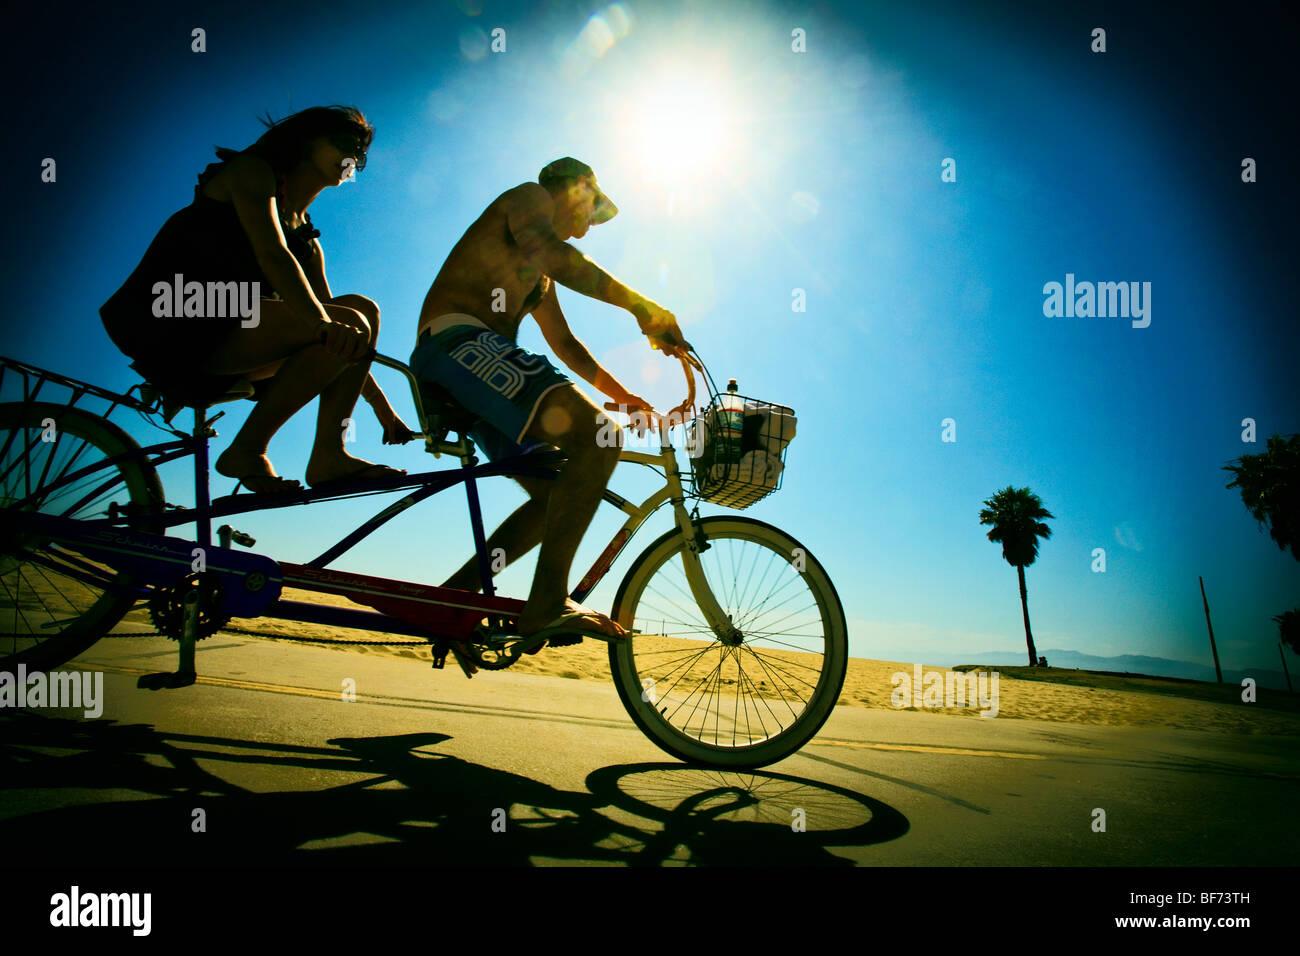 Paseos en bicicleta tándem, Venice Beach, el condado de Los Angeles, California, Estados Unidos de América Imagen De Stock